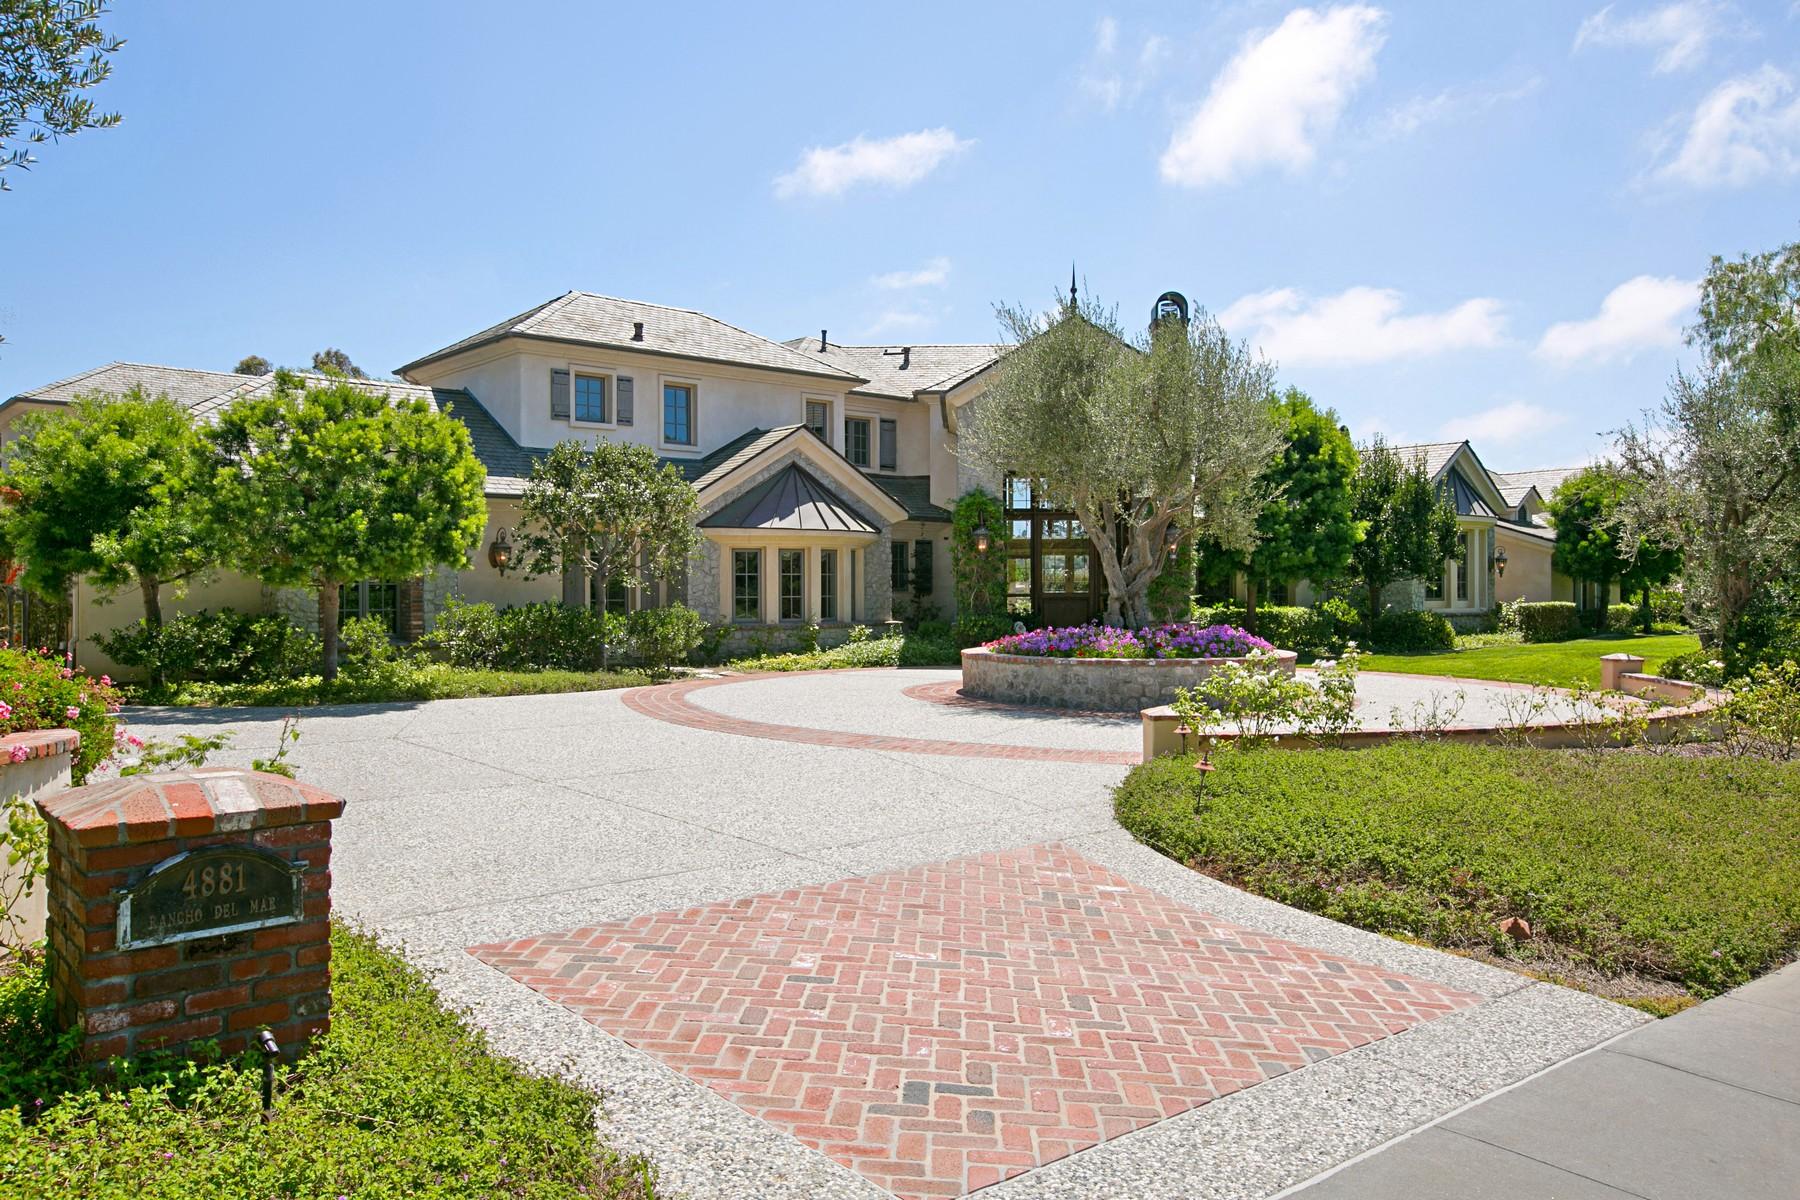 Maison unifamiliale pour l Vente à French Country Chateau! 4881 Rancho Del Mar Trail San Diego, Californie 92130 États-Unis